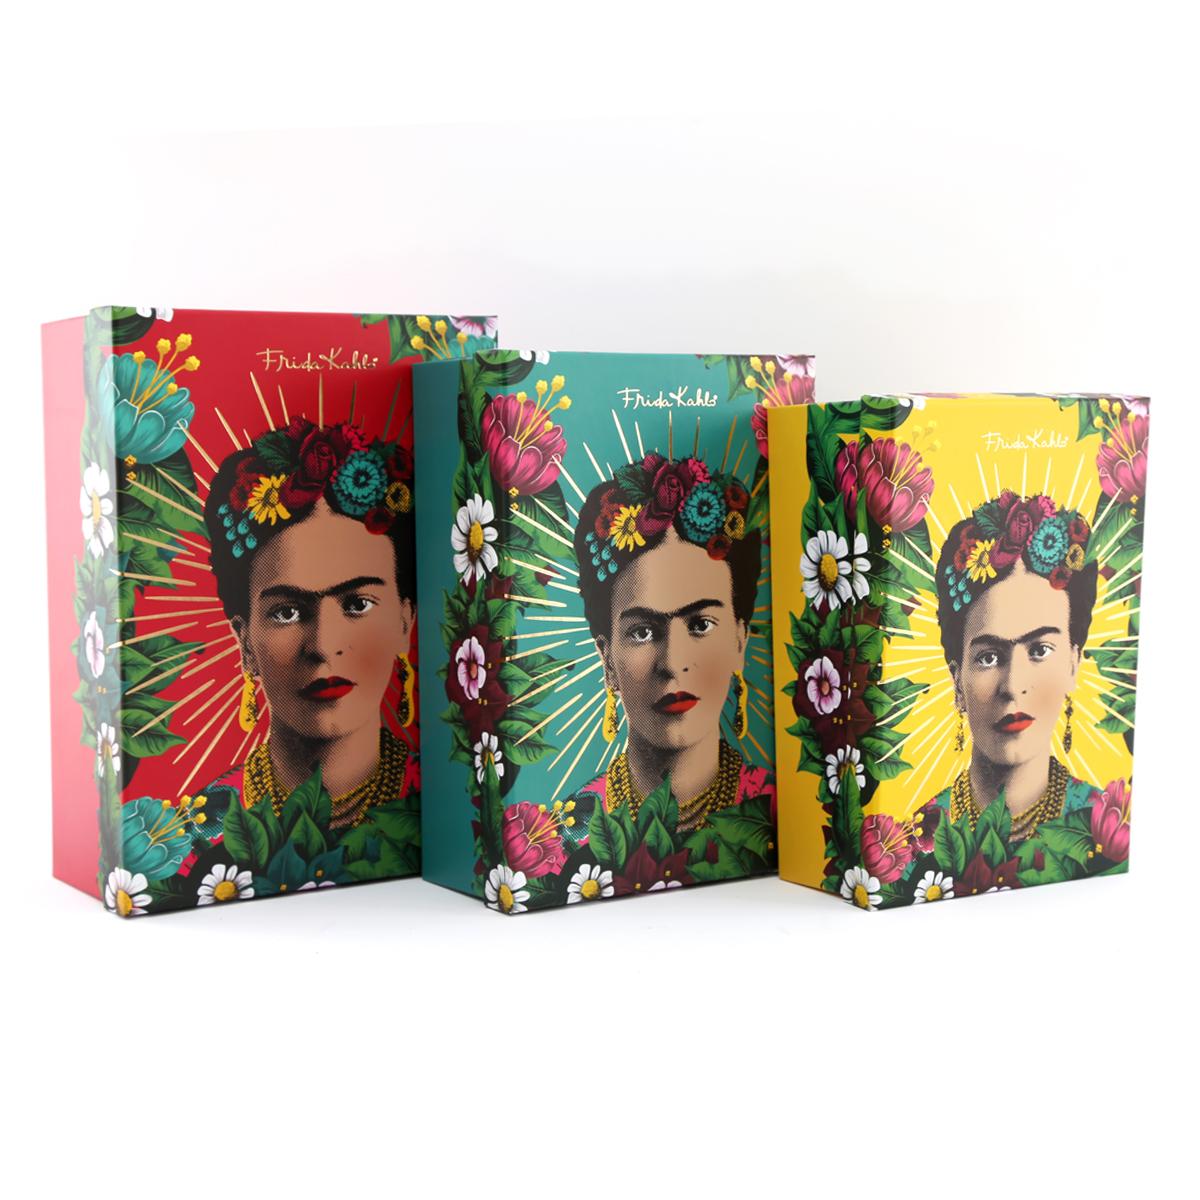 Set de 3 boîtes à Souvenirs \'Frida Kahlo\' multicolore - 30x22x11 cm - [A2902]